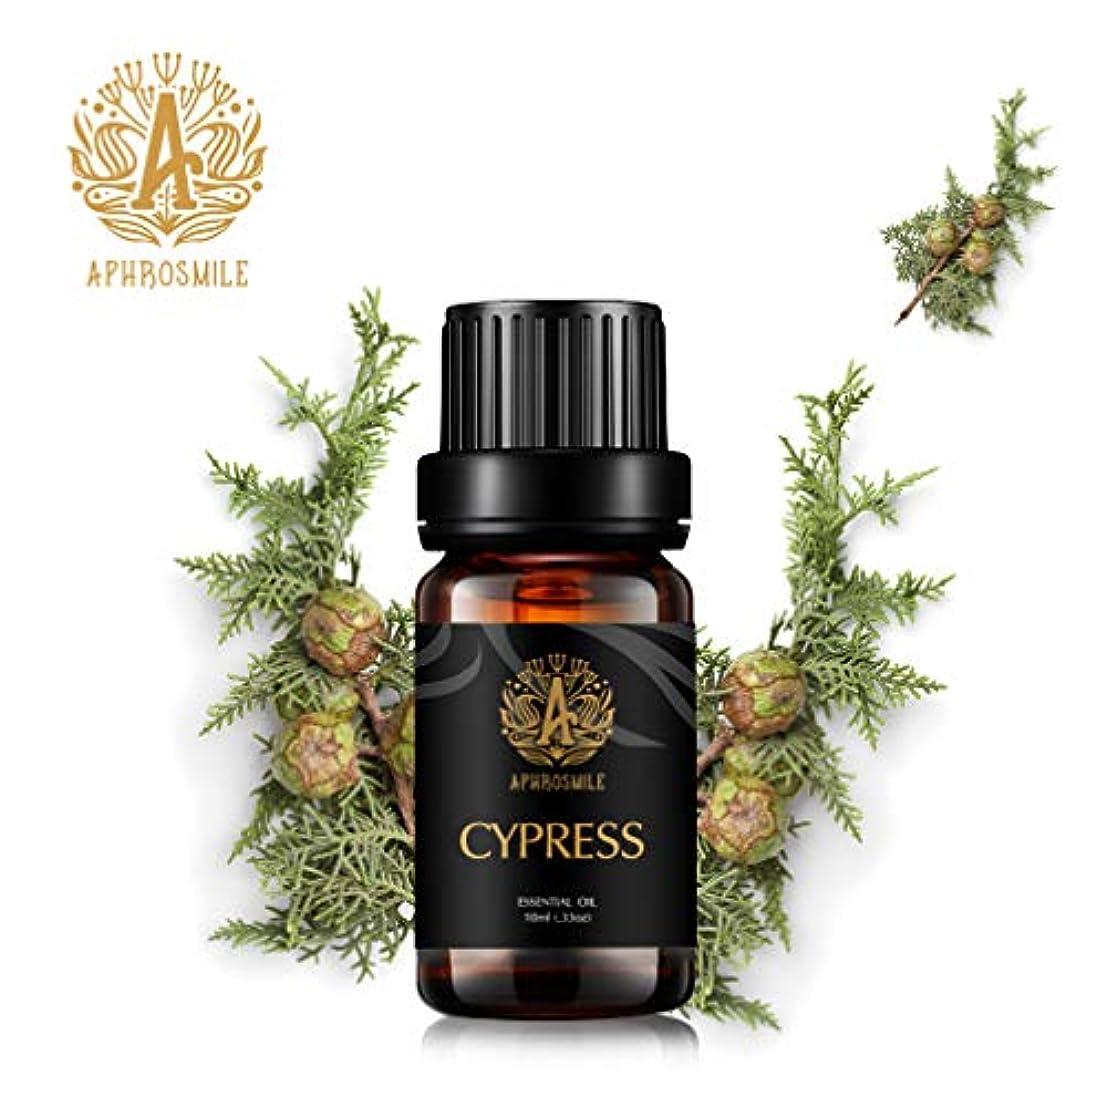 ブラウズ速報ホイッスルアロマセラピーサイプレスエッセンシャルオイル、100%ピュアサイプレスエッセンシャルオイルの香り、治療グレードサイプレスエッセンシャルオイルの香り、ディフューザー加湿器マッサージ用0.33oz-10ml